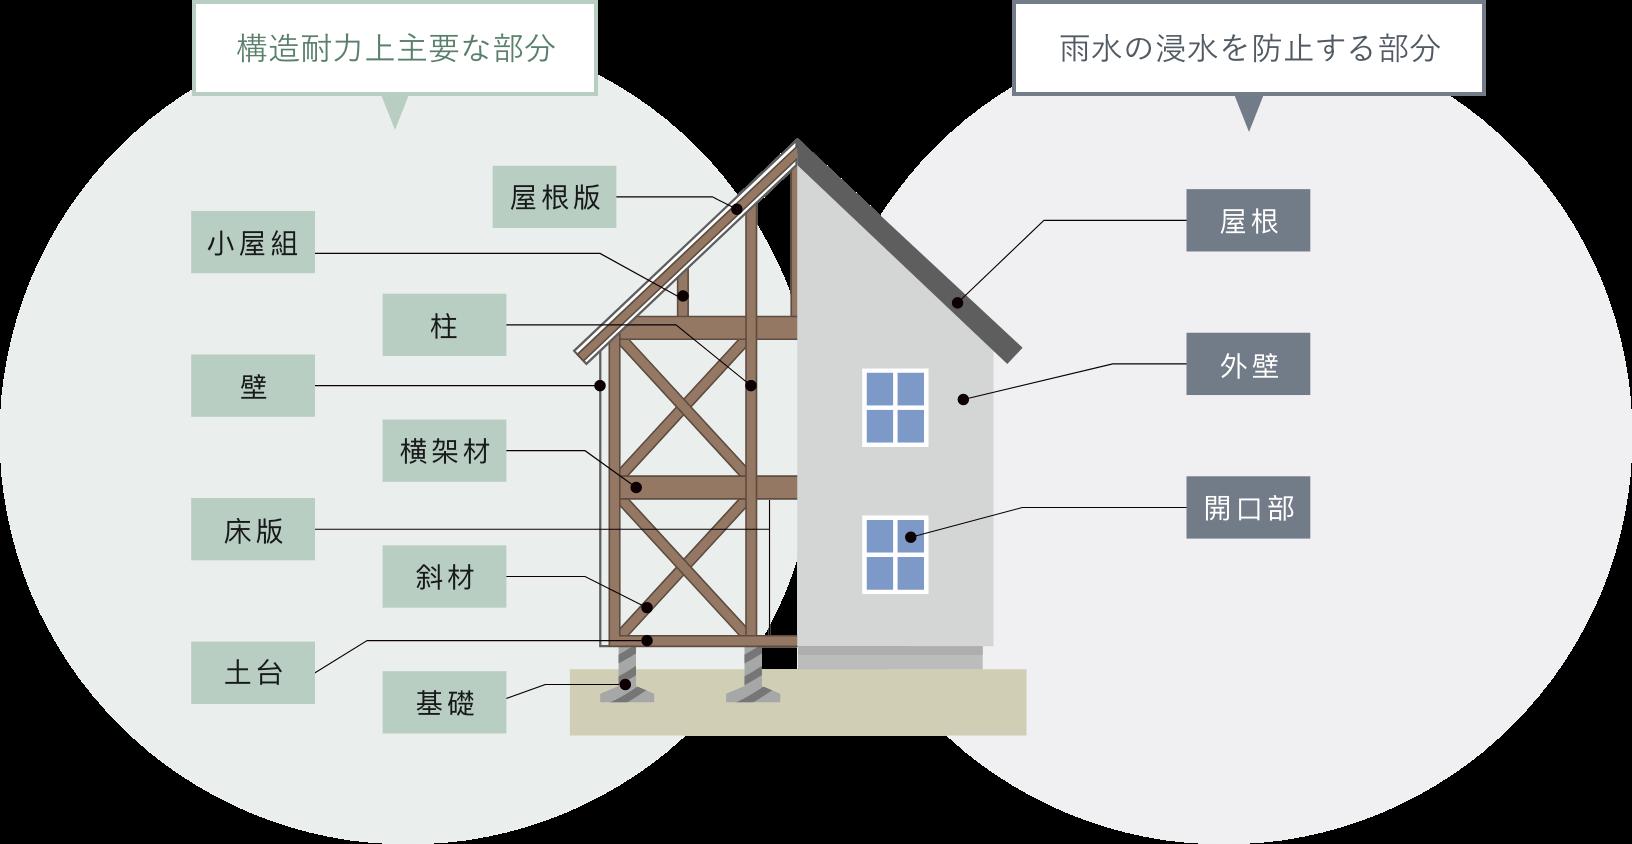 枠組み工法